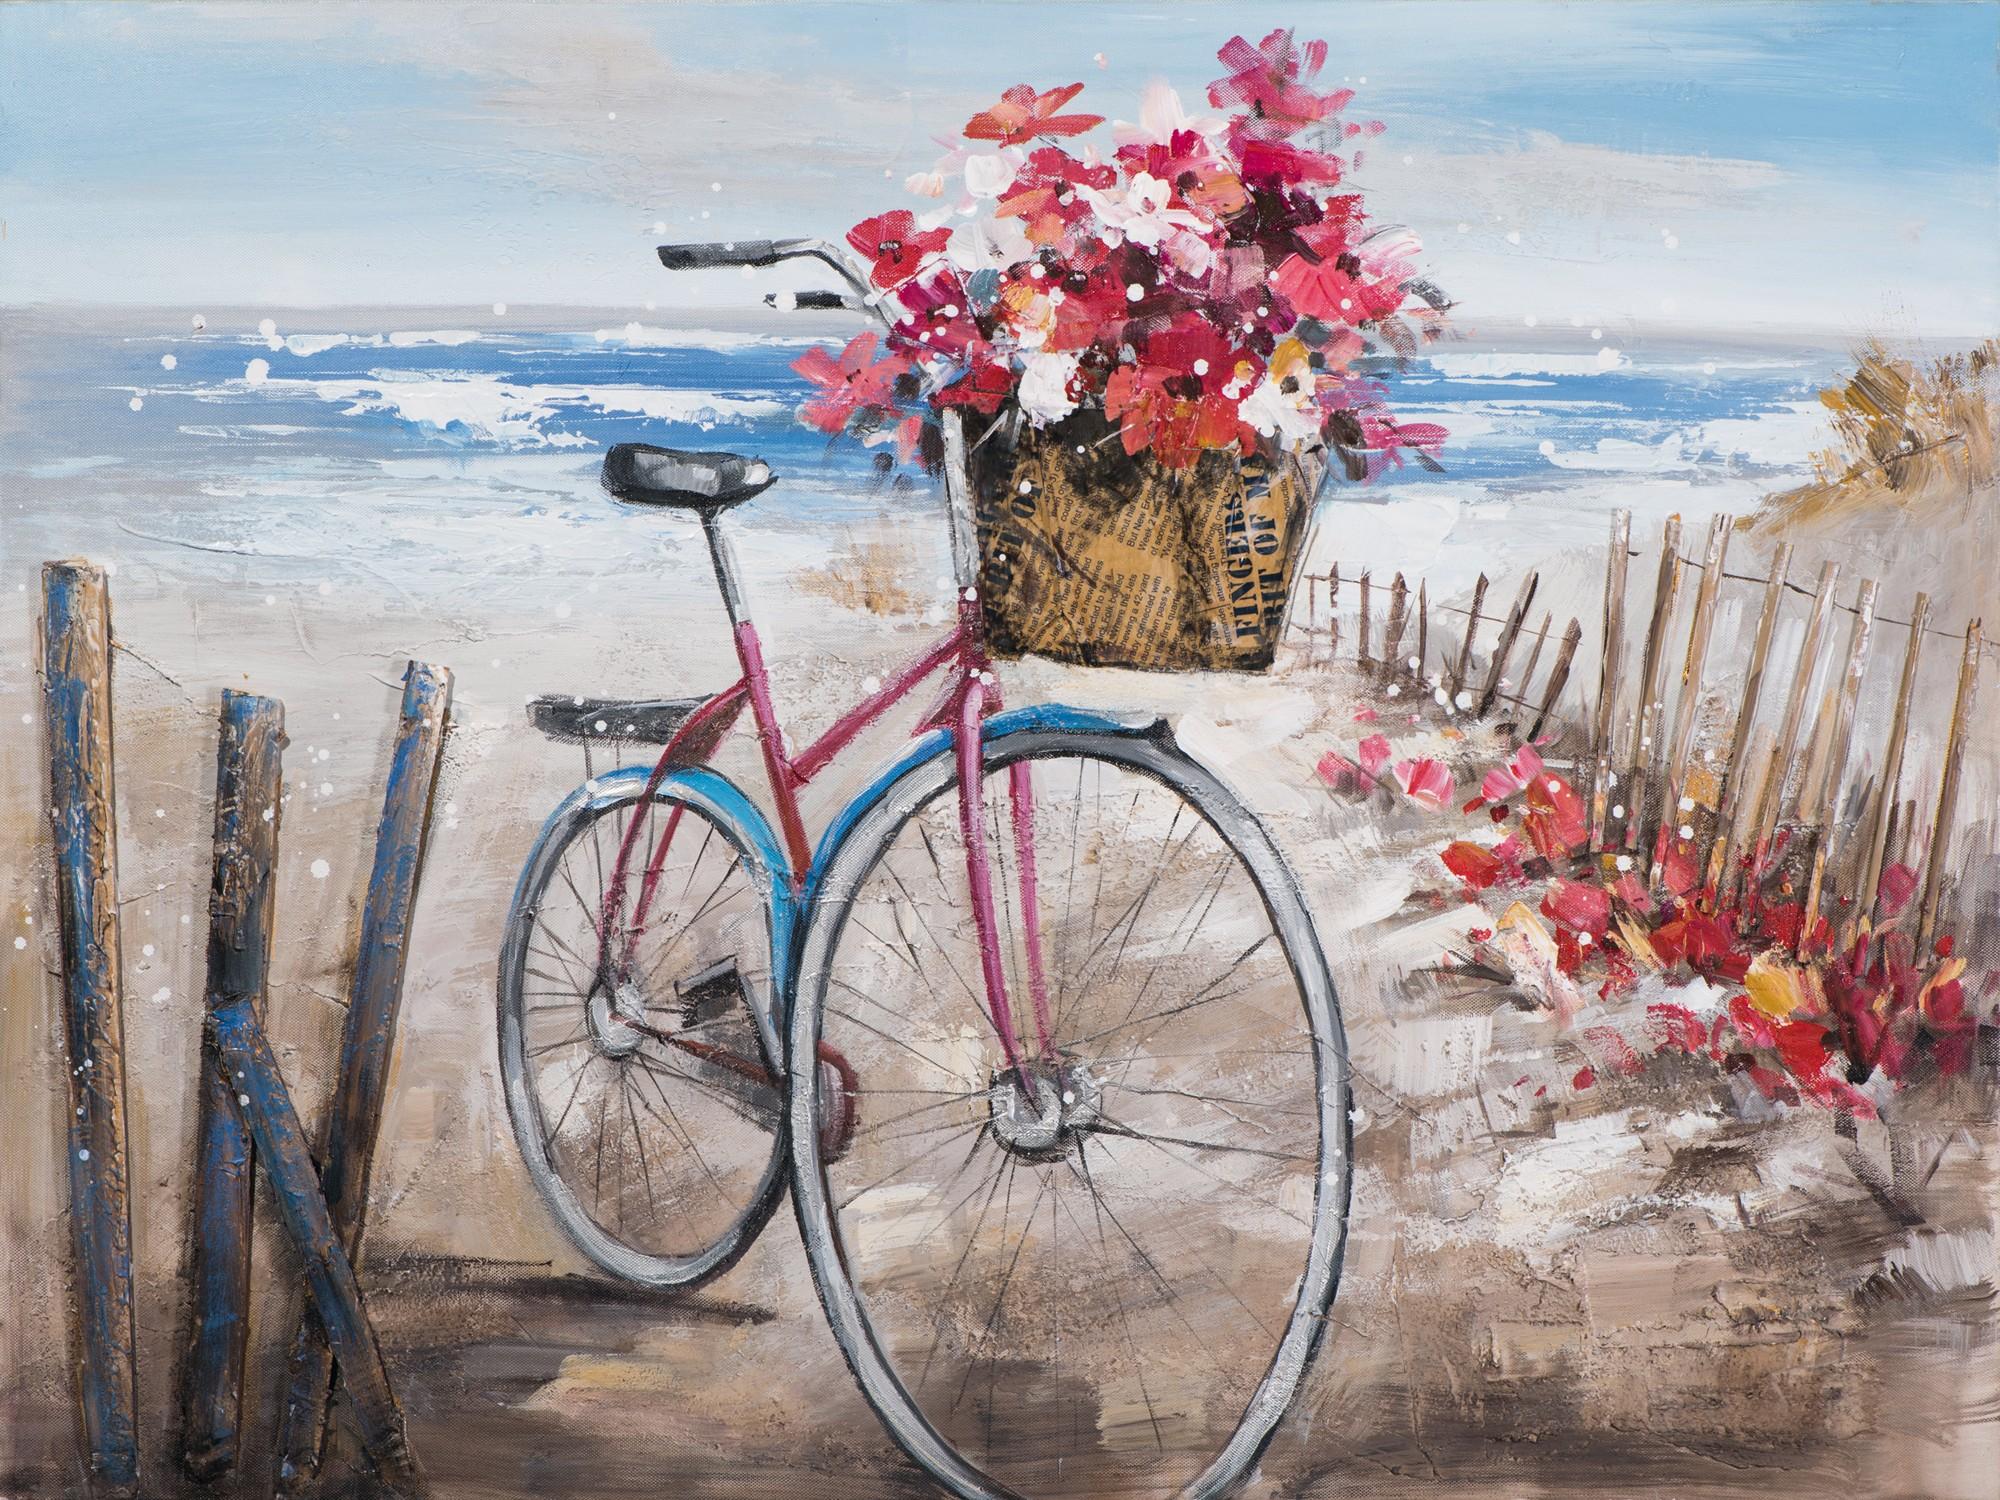 Tableau Vélo sur la plage 60x80 Peinture acrylique | Tableaux / Toiles | Pier Import